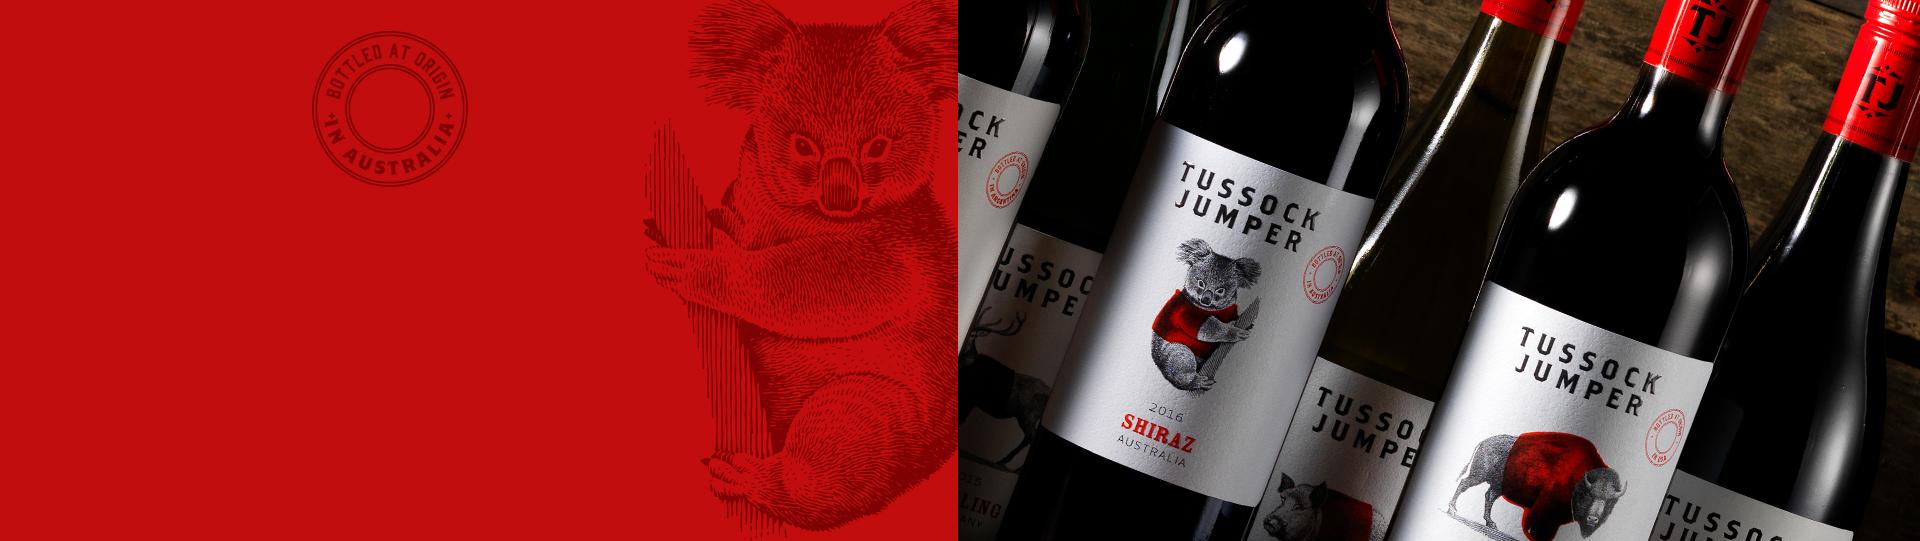 Tussock Jumper Wines - Australia - Shiraz